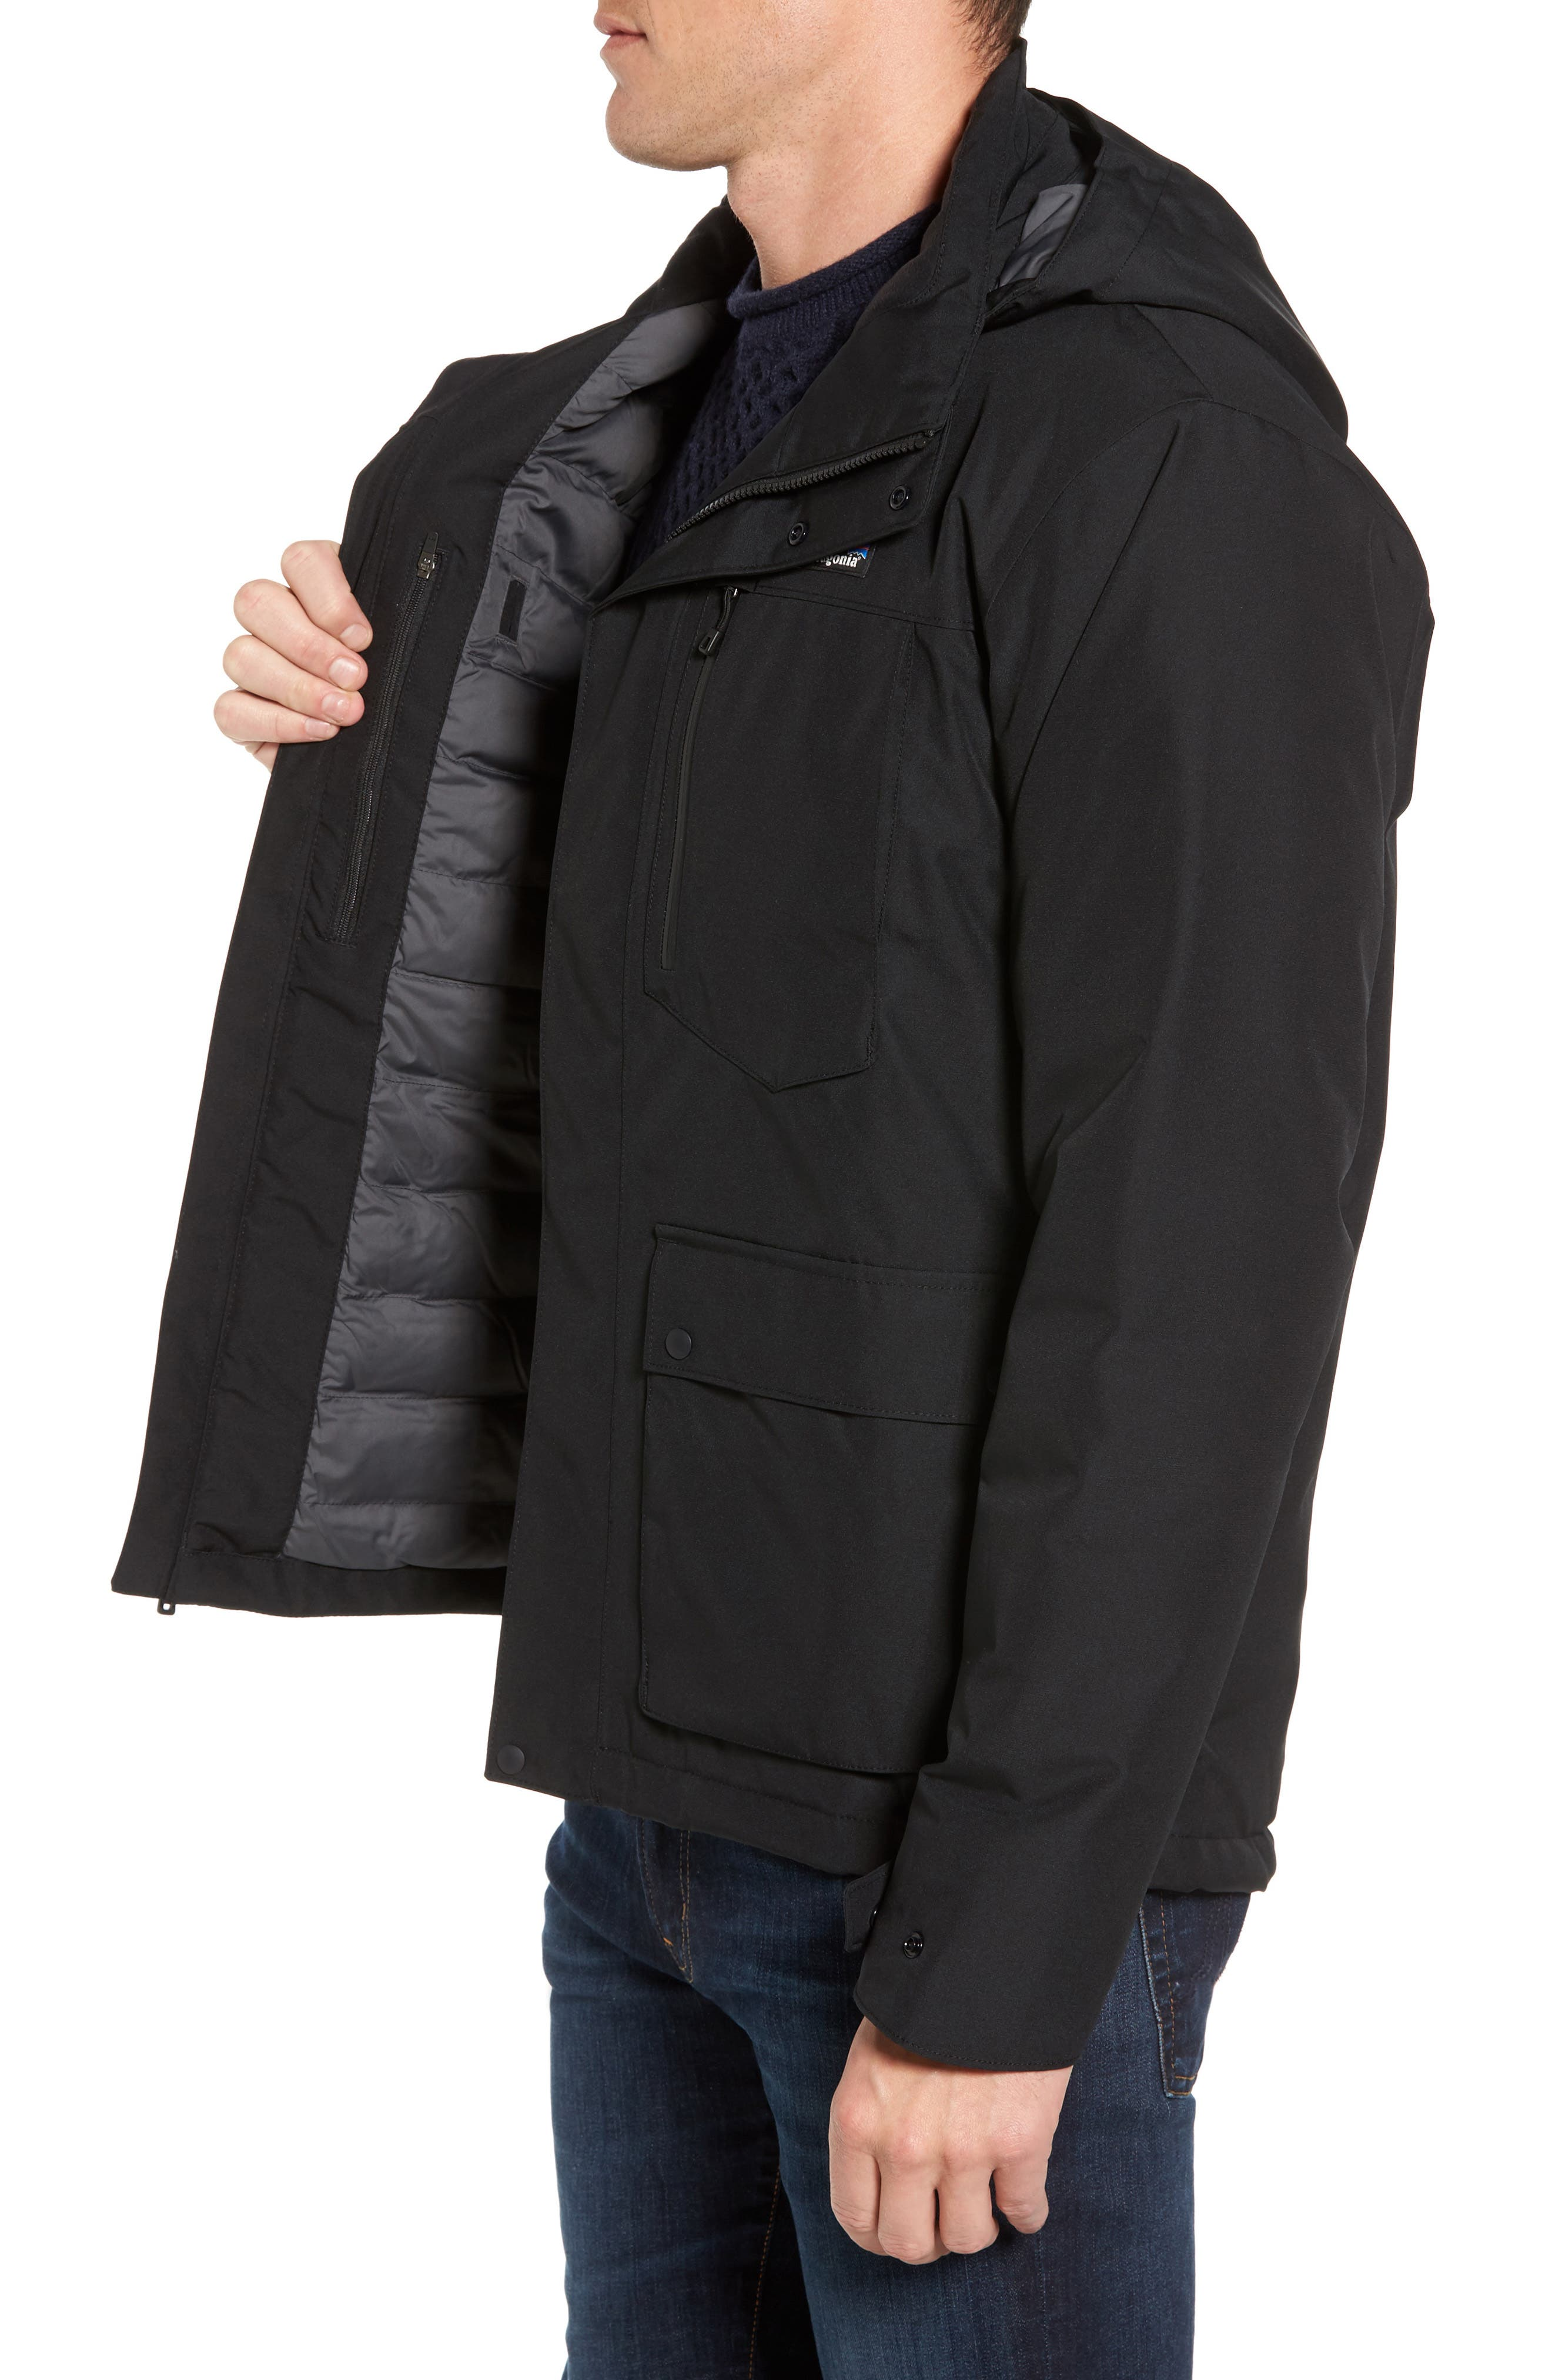 Topley Waterproof Down Jacket,                             Alternate thumbnail 3, color,                             Black